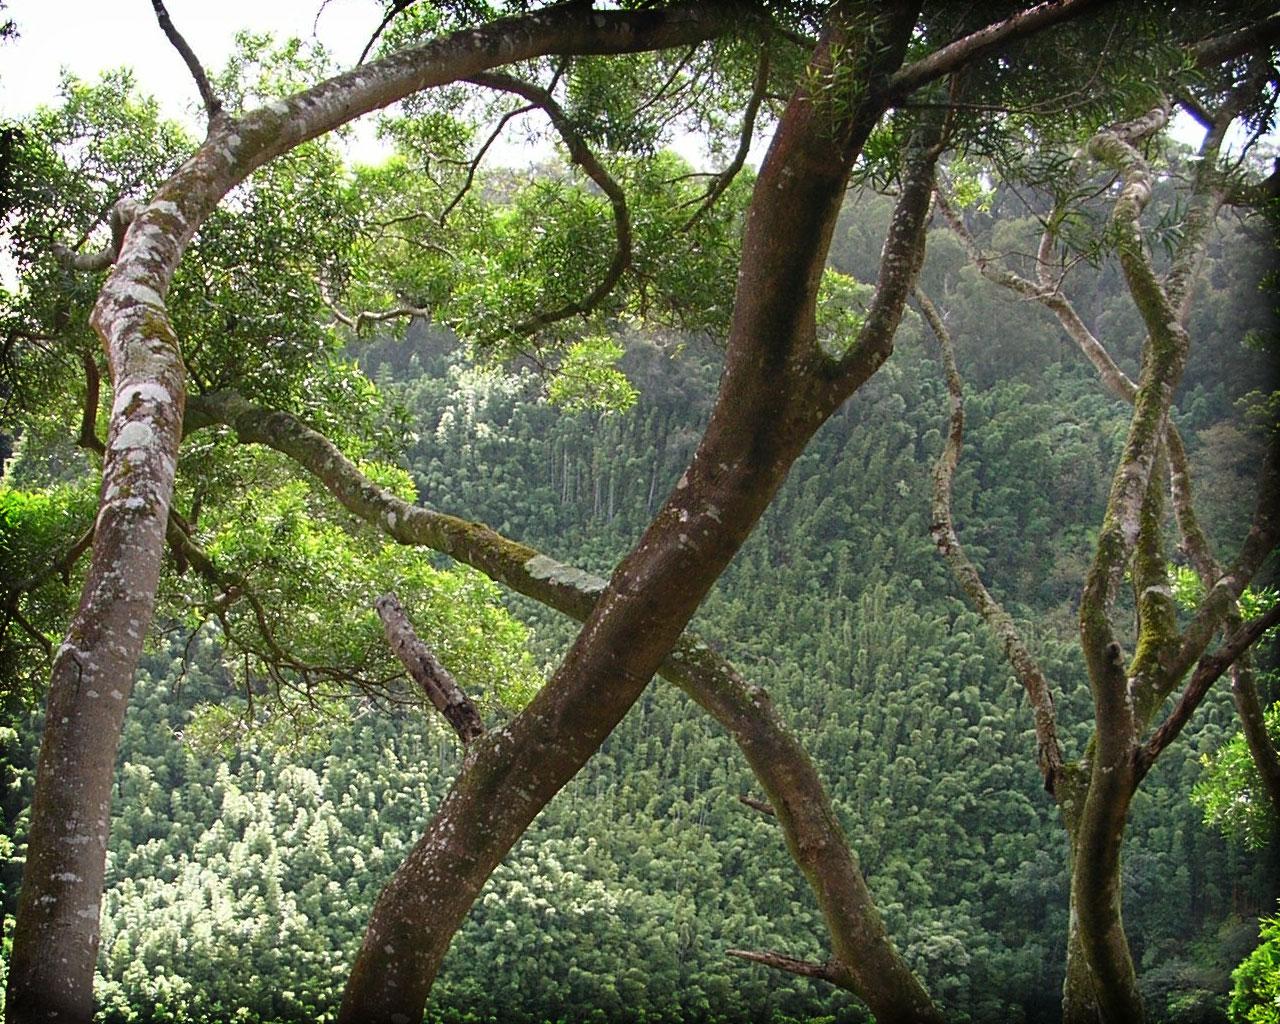 Acacia Confusa In Compare To Mimosa Hostilis Acacia Confusa